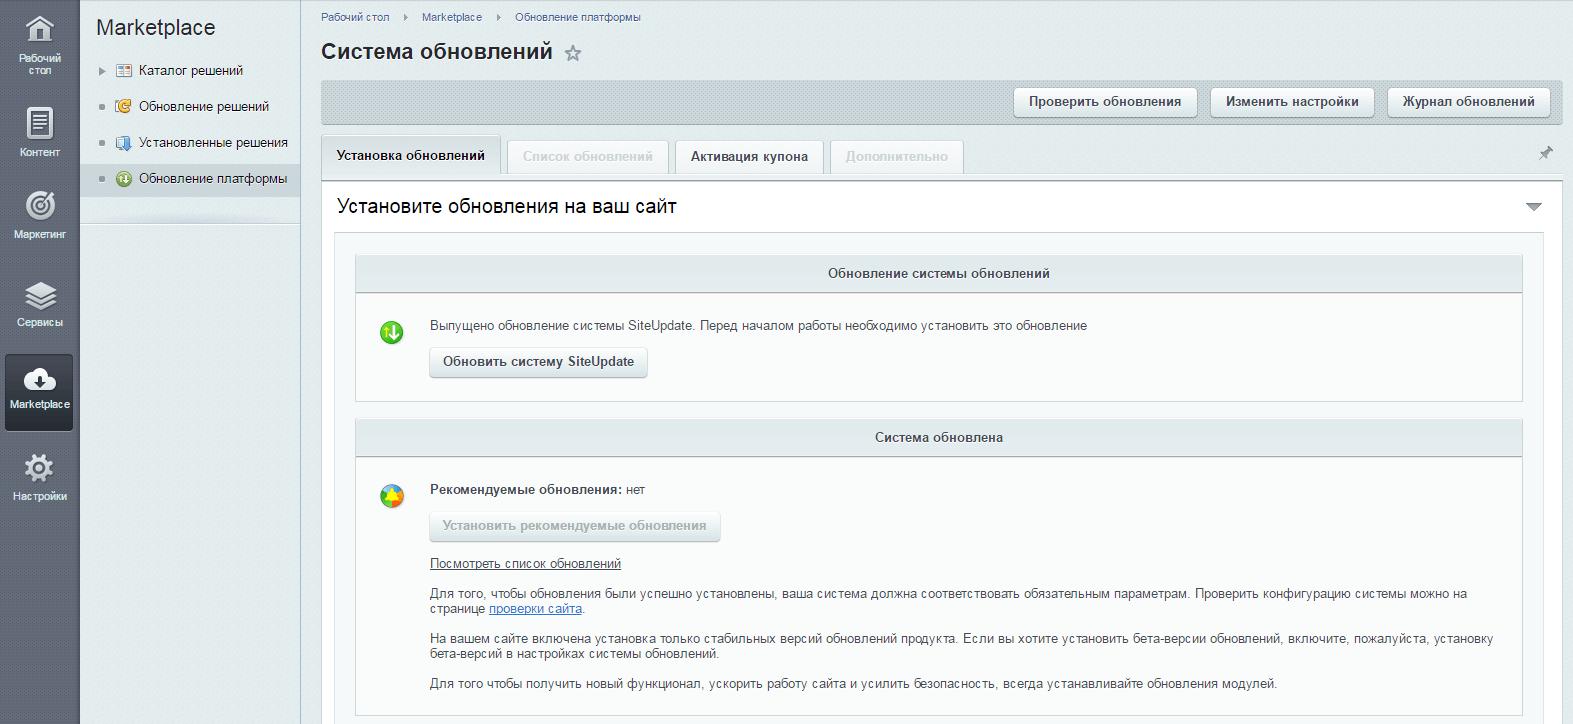 бесплатные хостинги для серверов мта